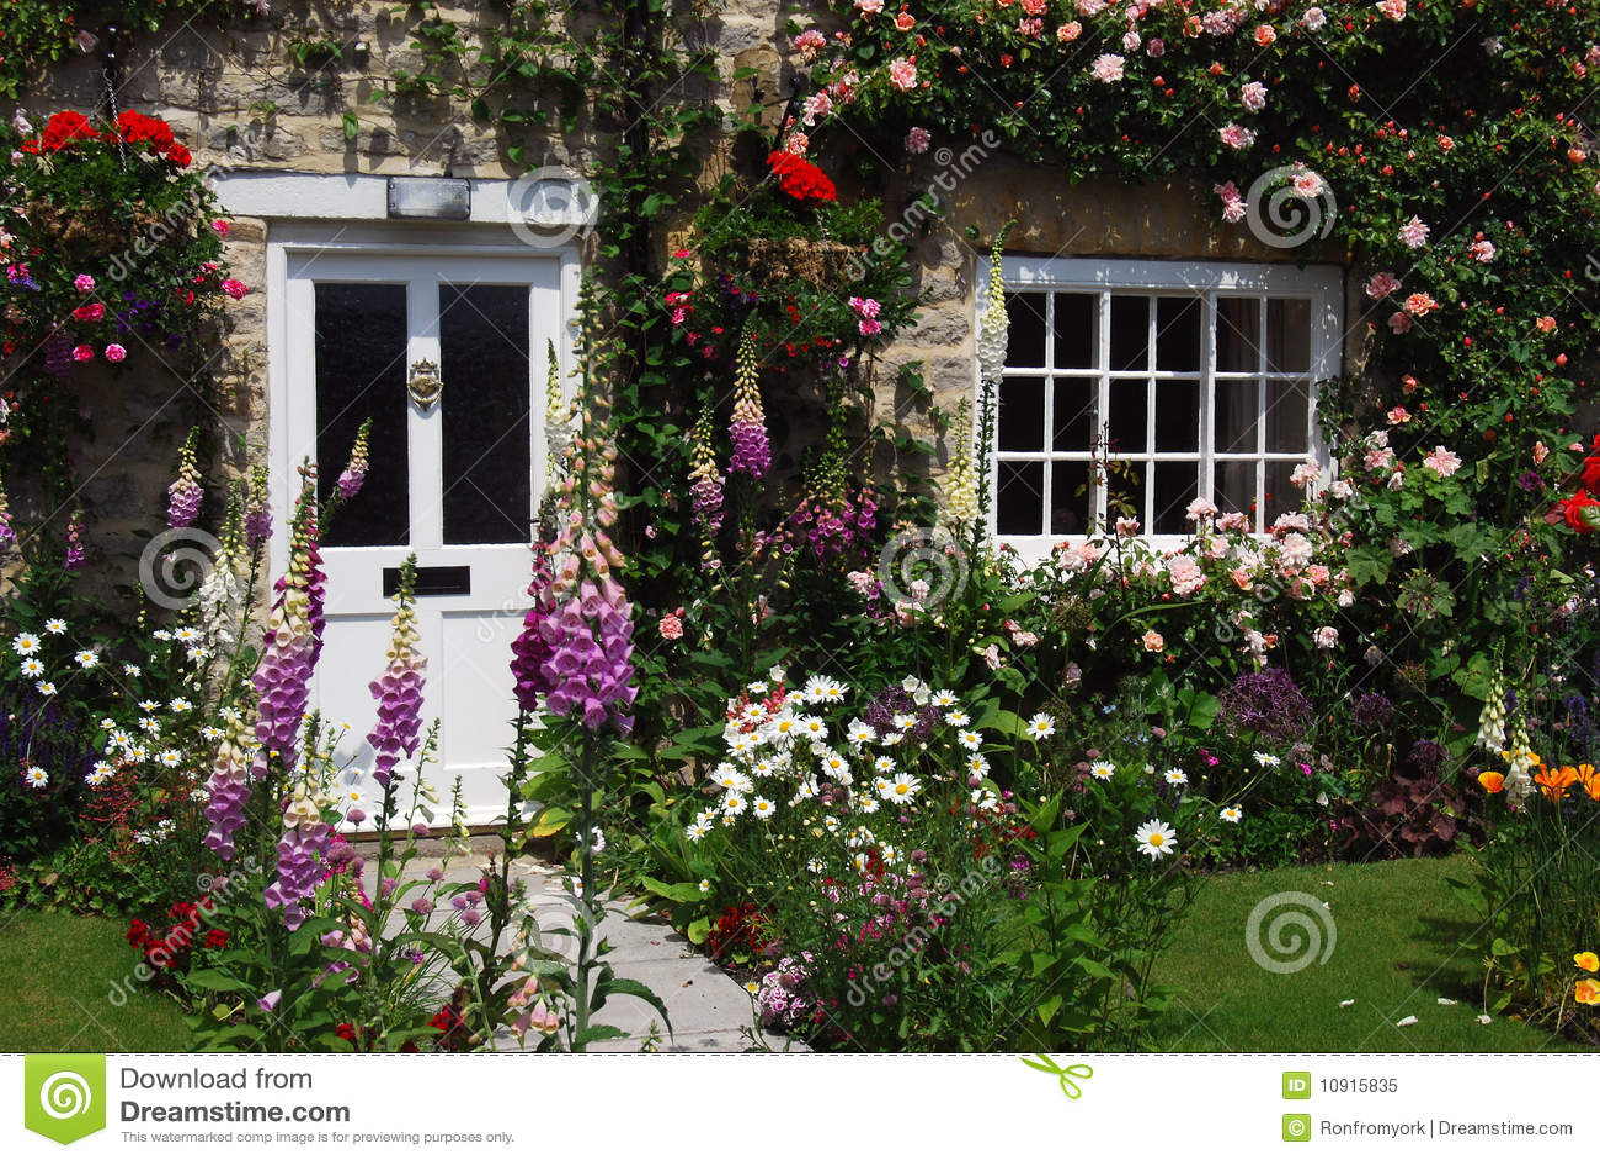 Jardin Anglais De Maison Photo libre de droits - Image ...